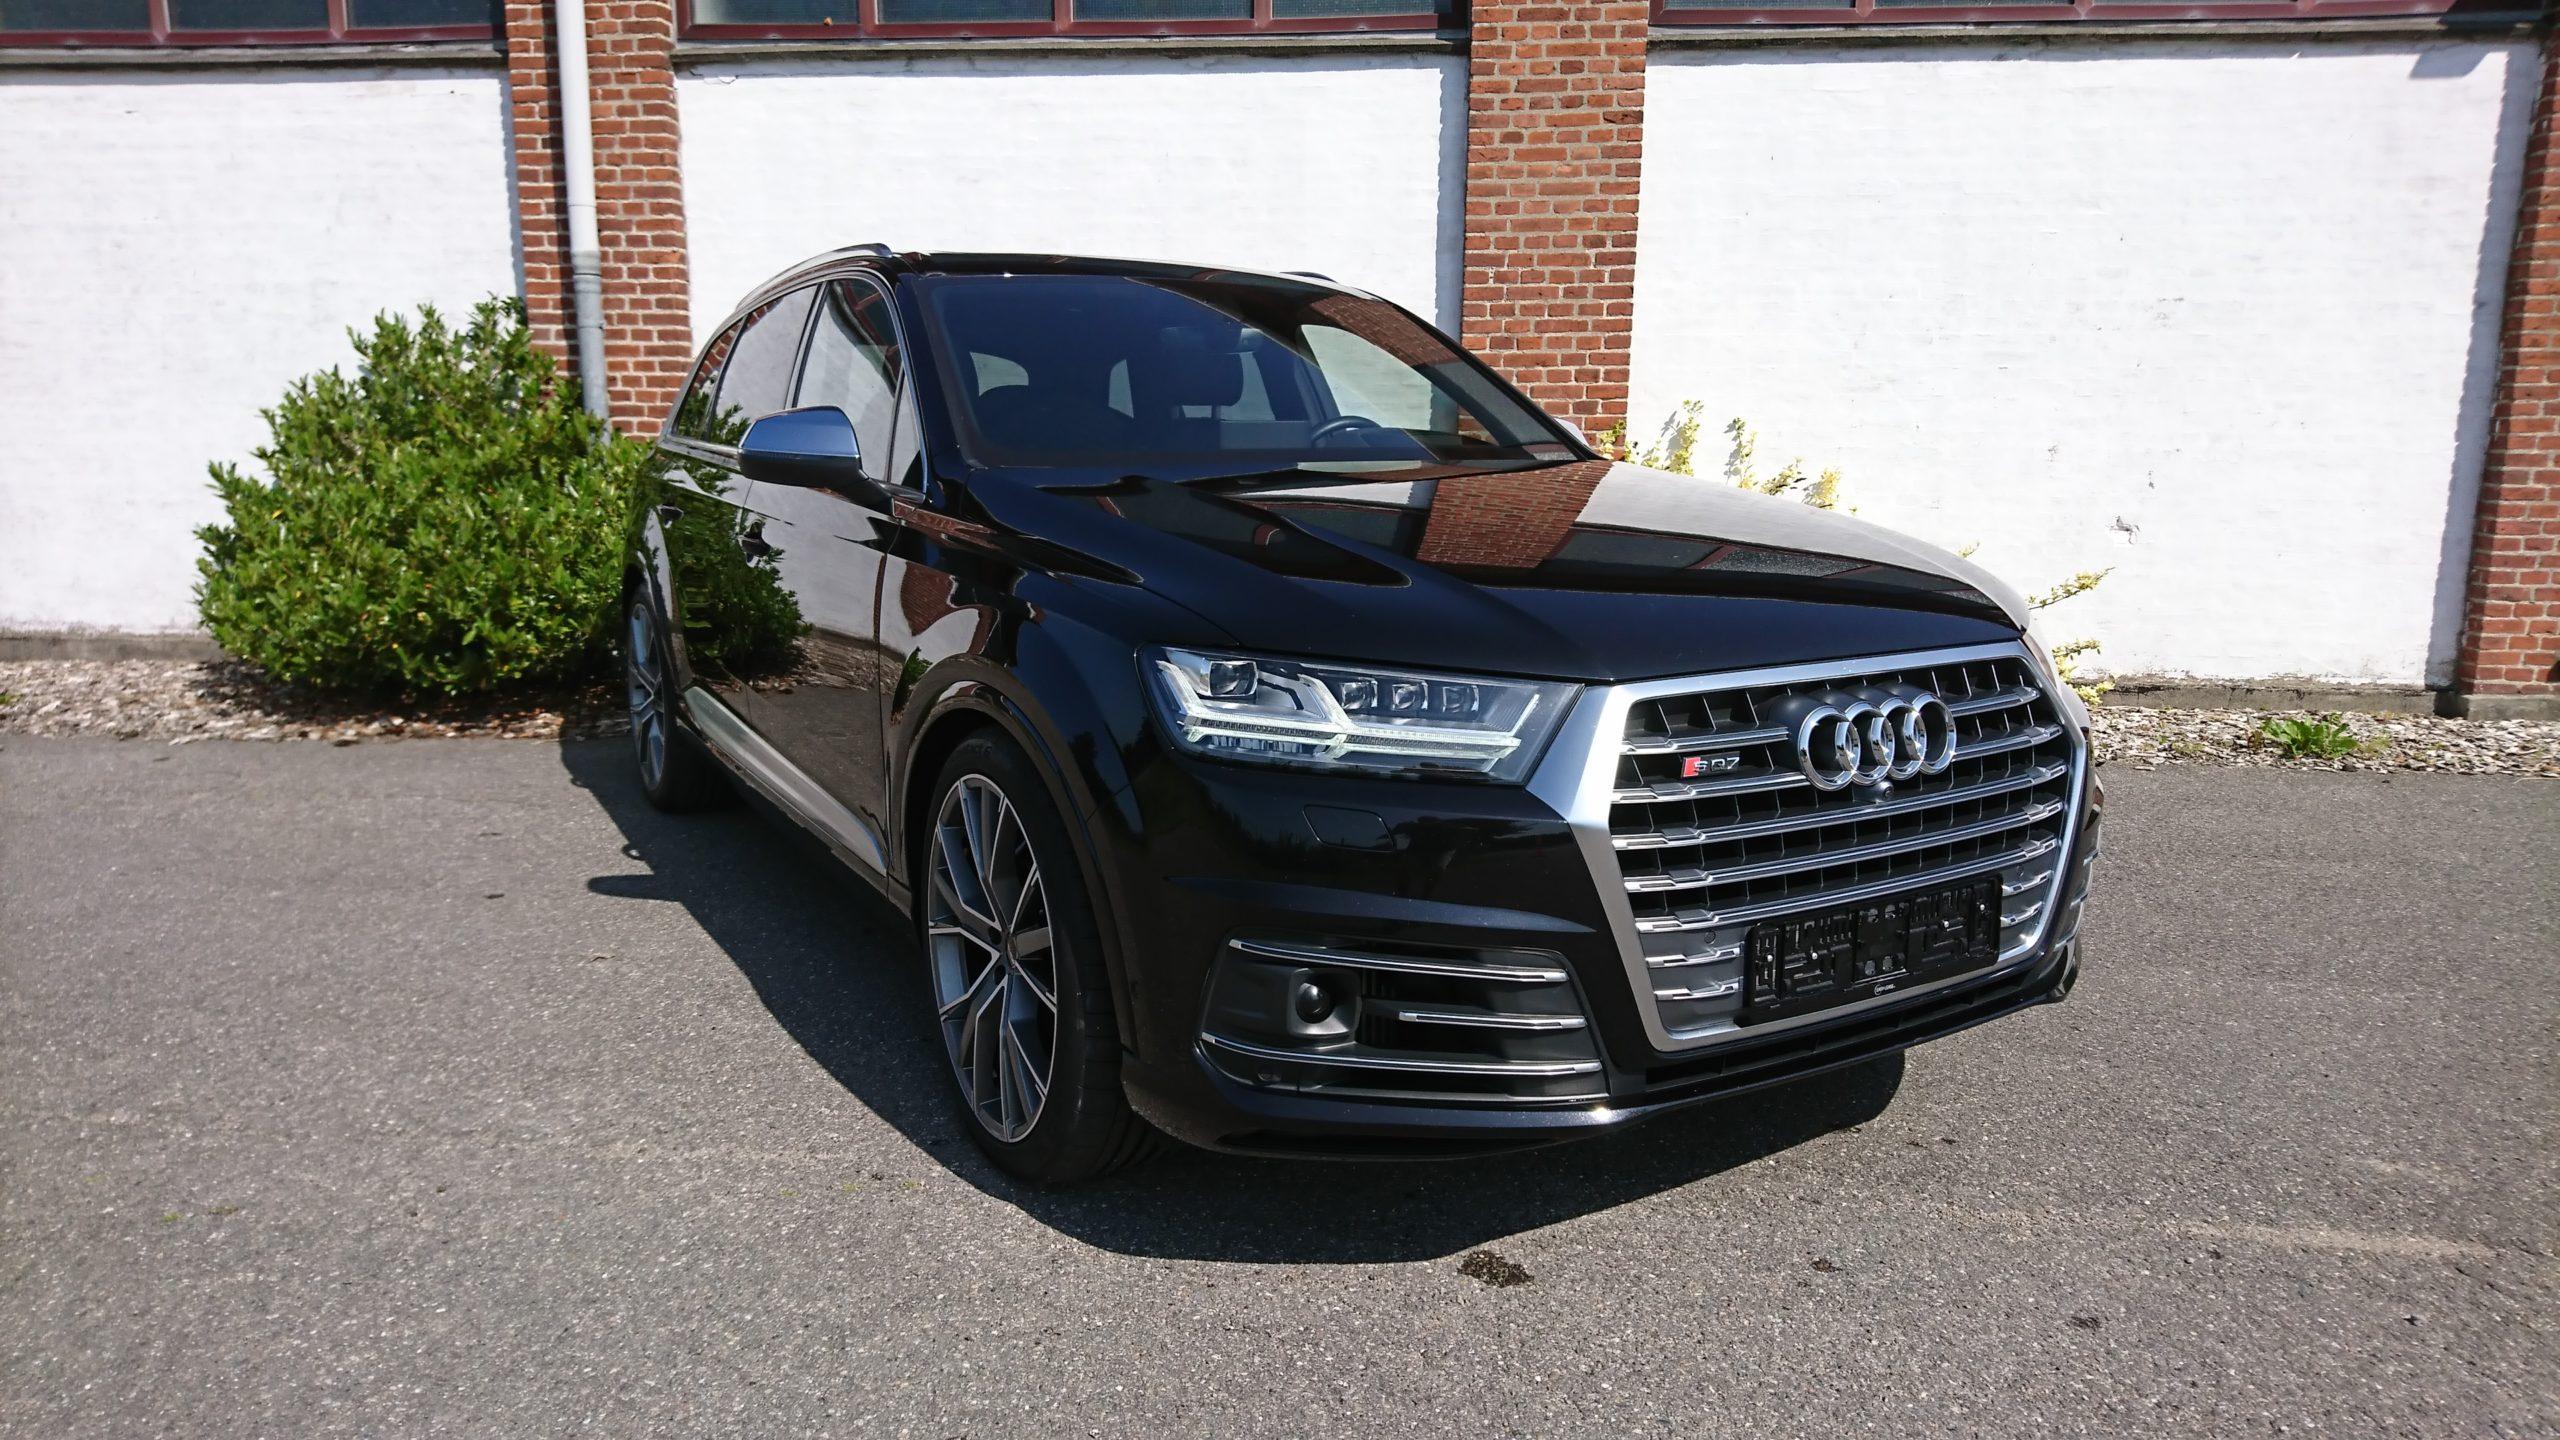 Audi SQ7 4.0 TDI